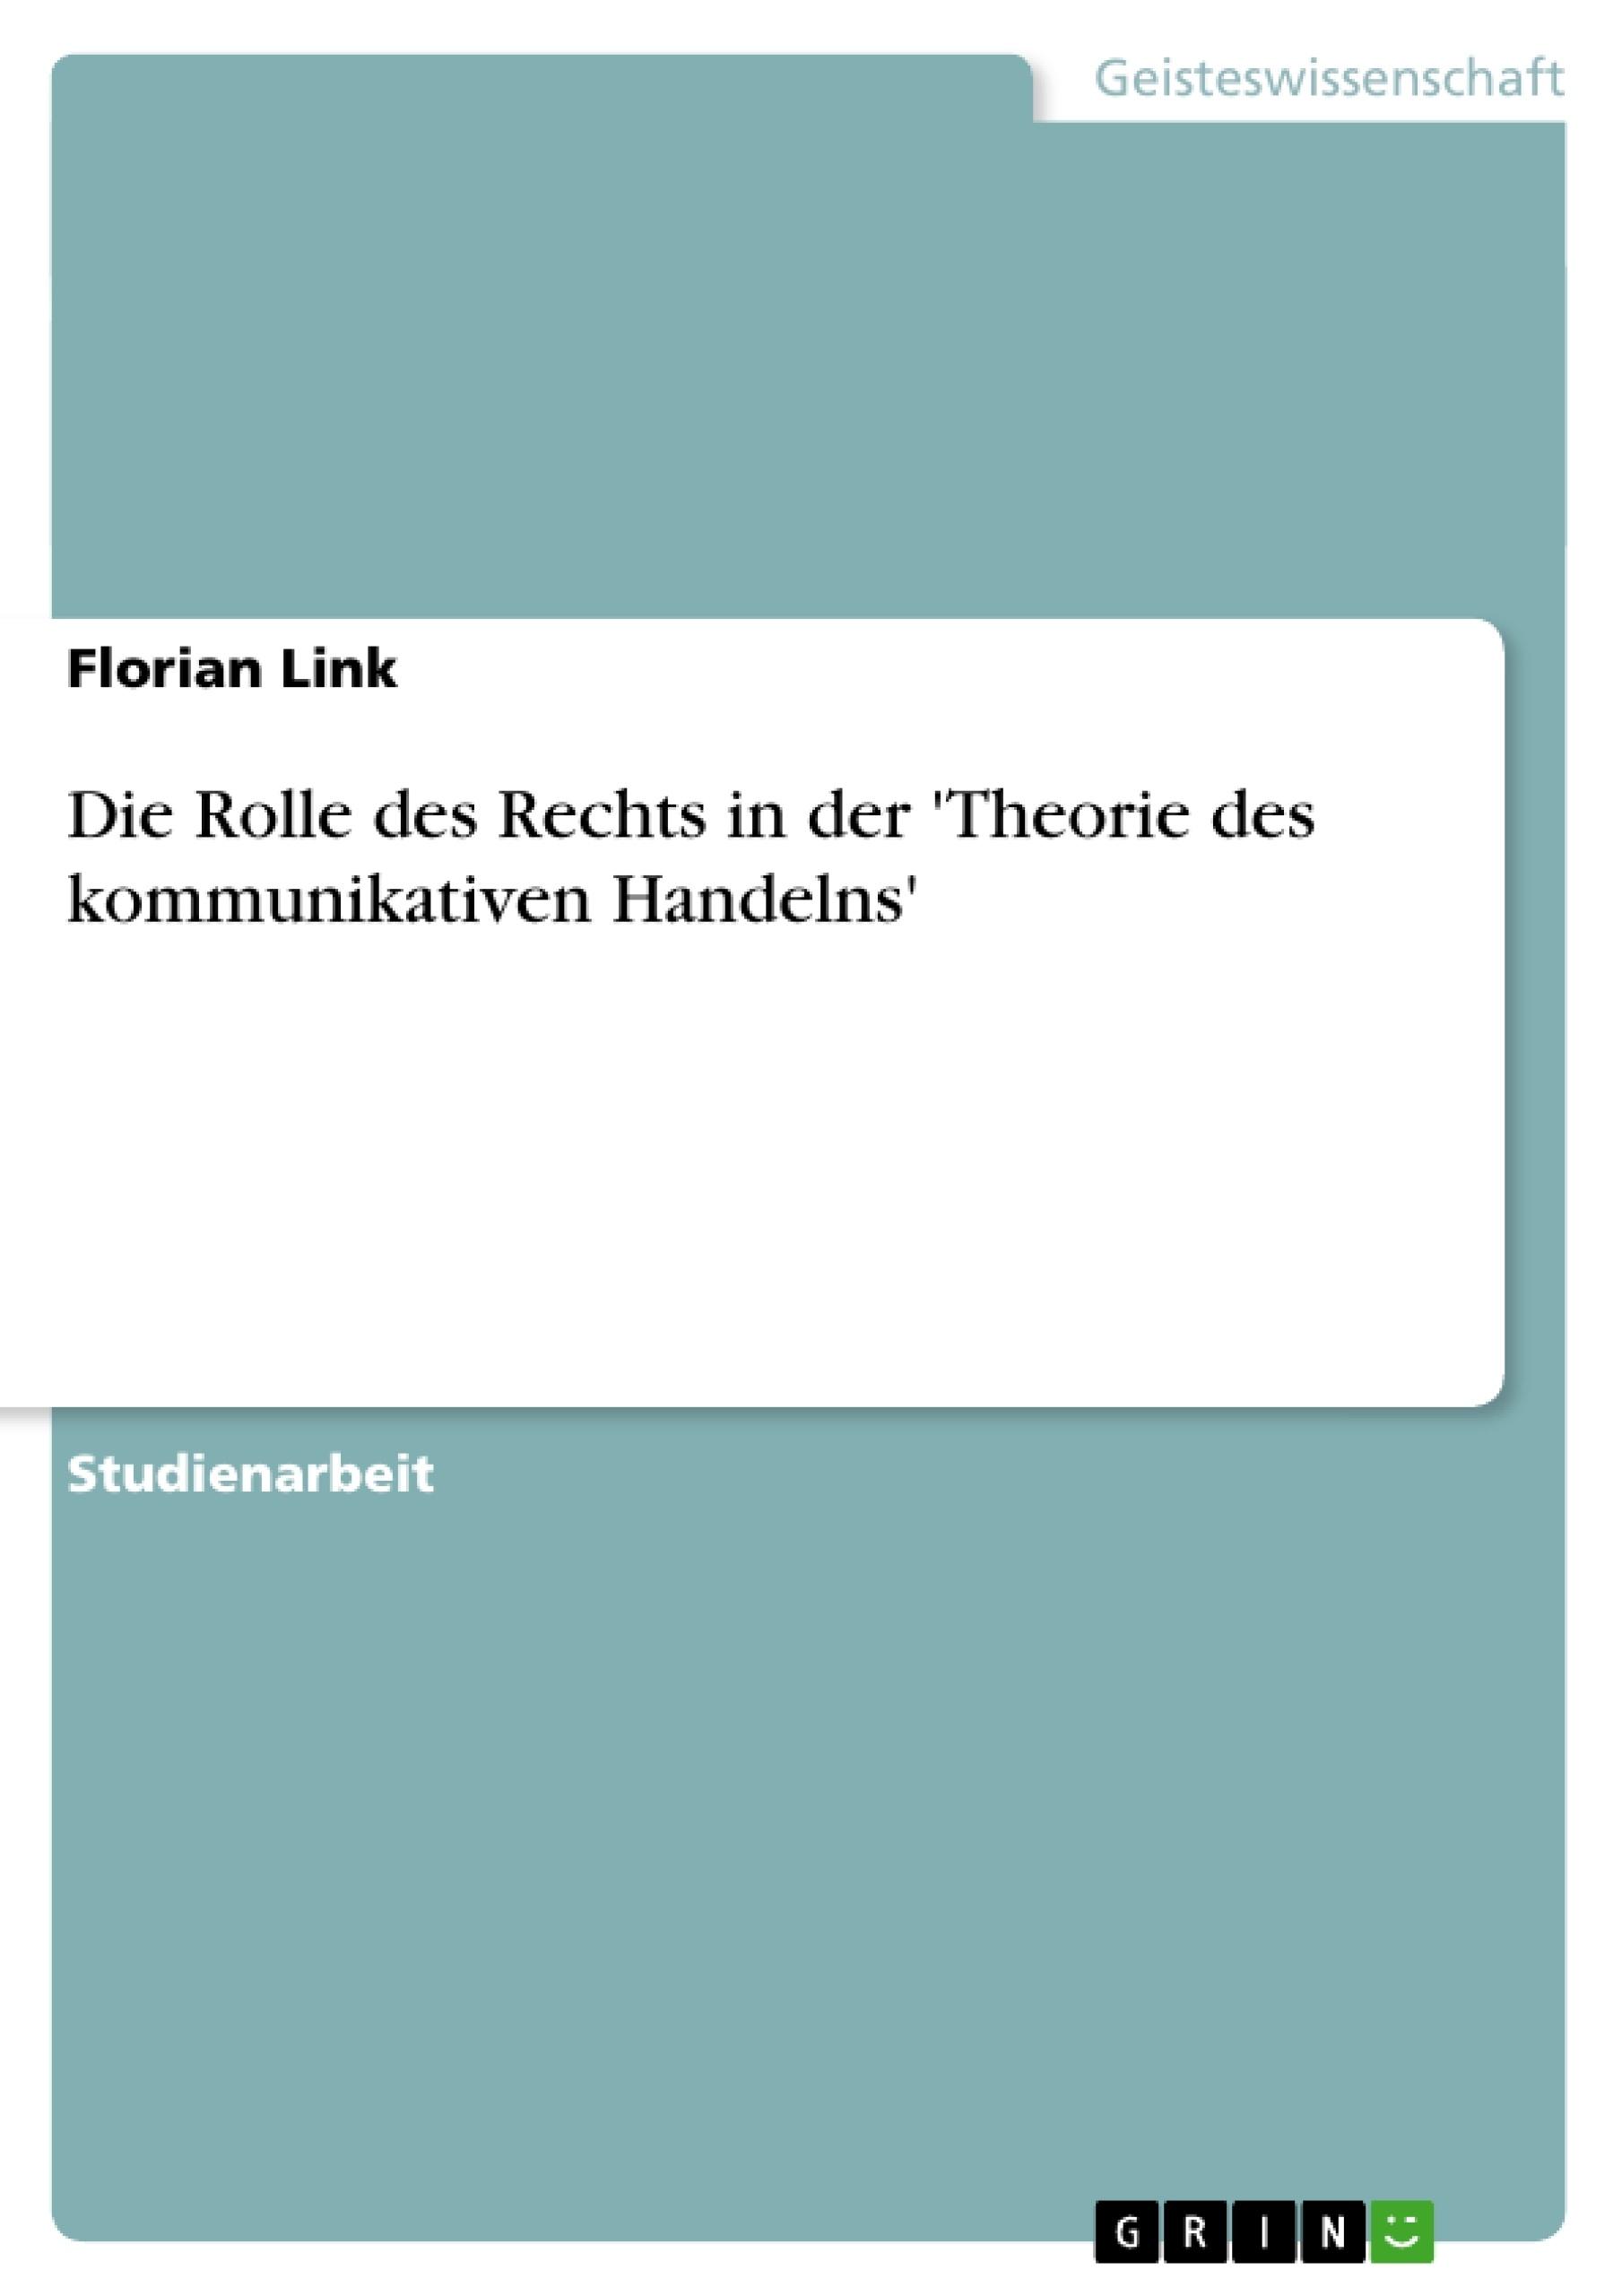 Titel: Die Rolle des Rechts in der 'Theorie des kommunikativen Handelns'